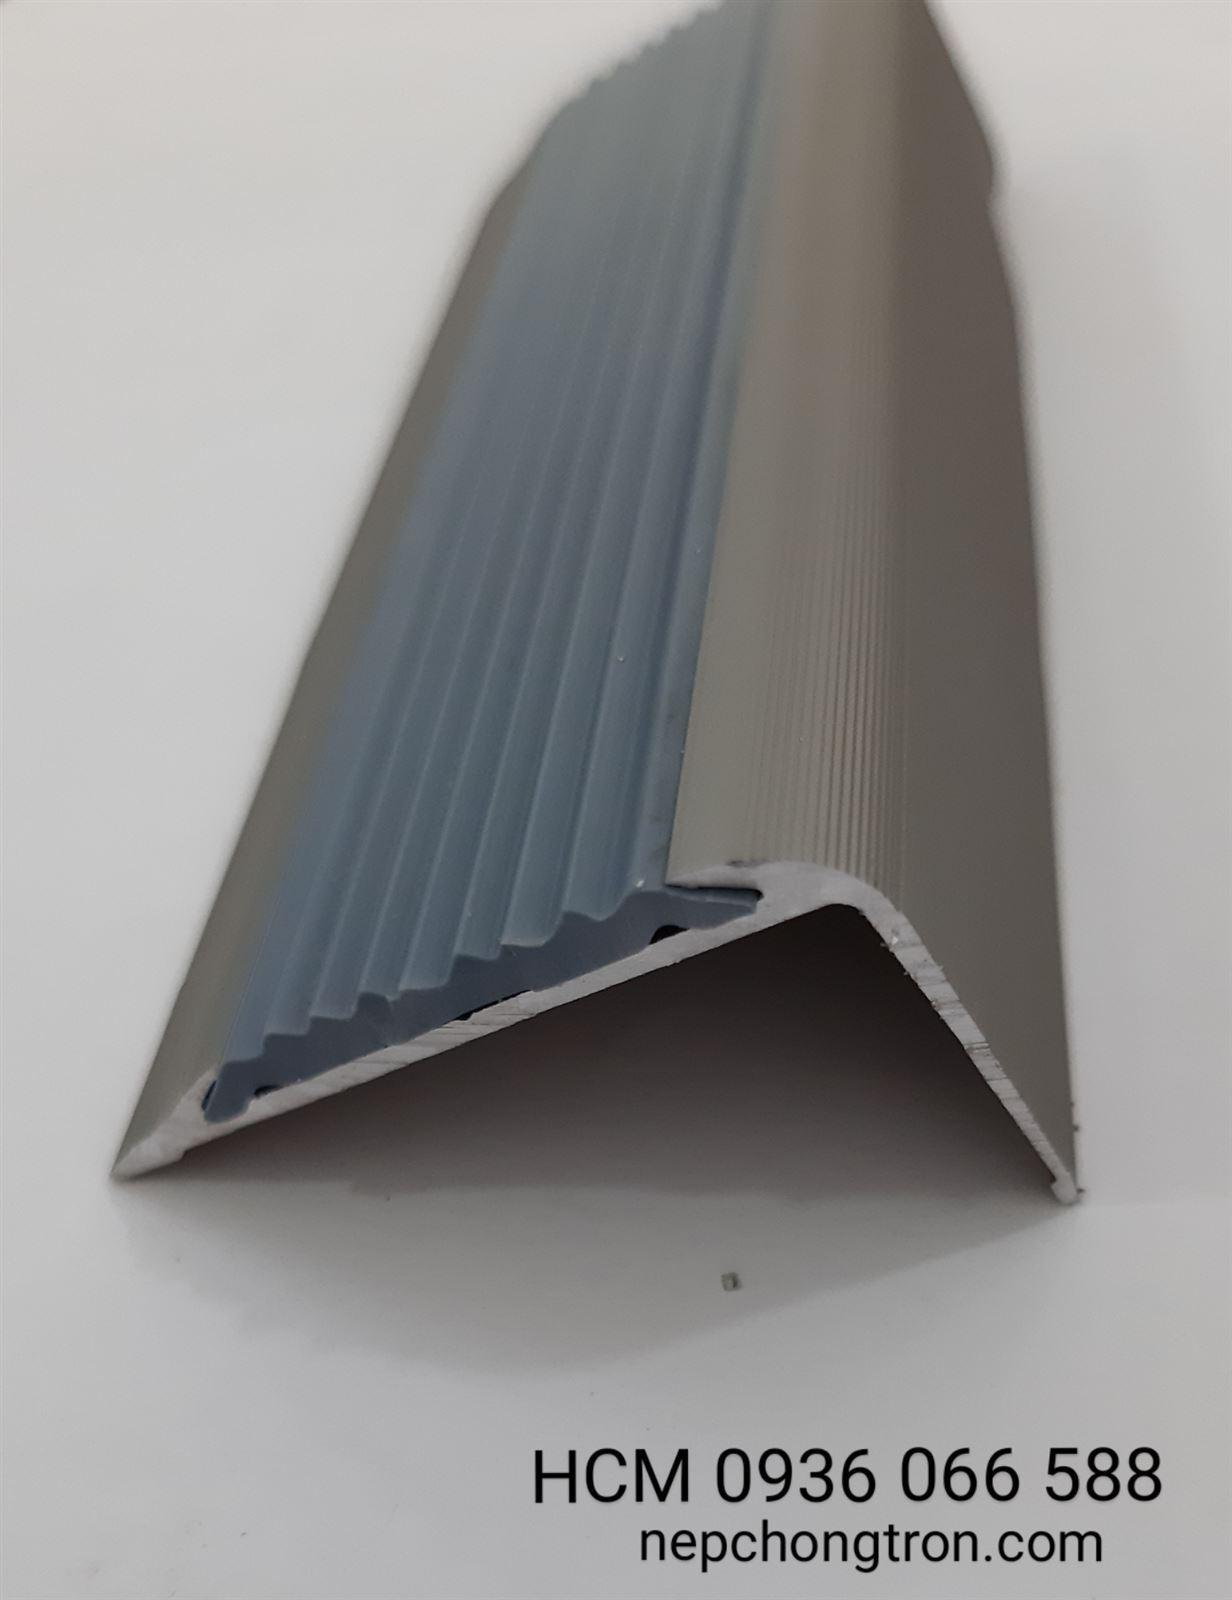 Nẹp chống trơn TL30, Nẹp mũi bậc cầu thang